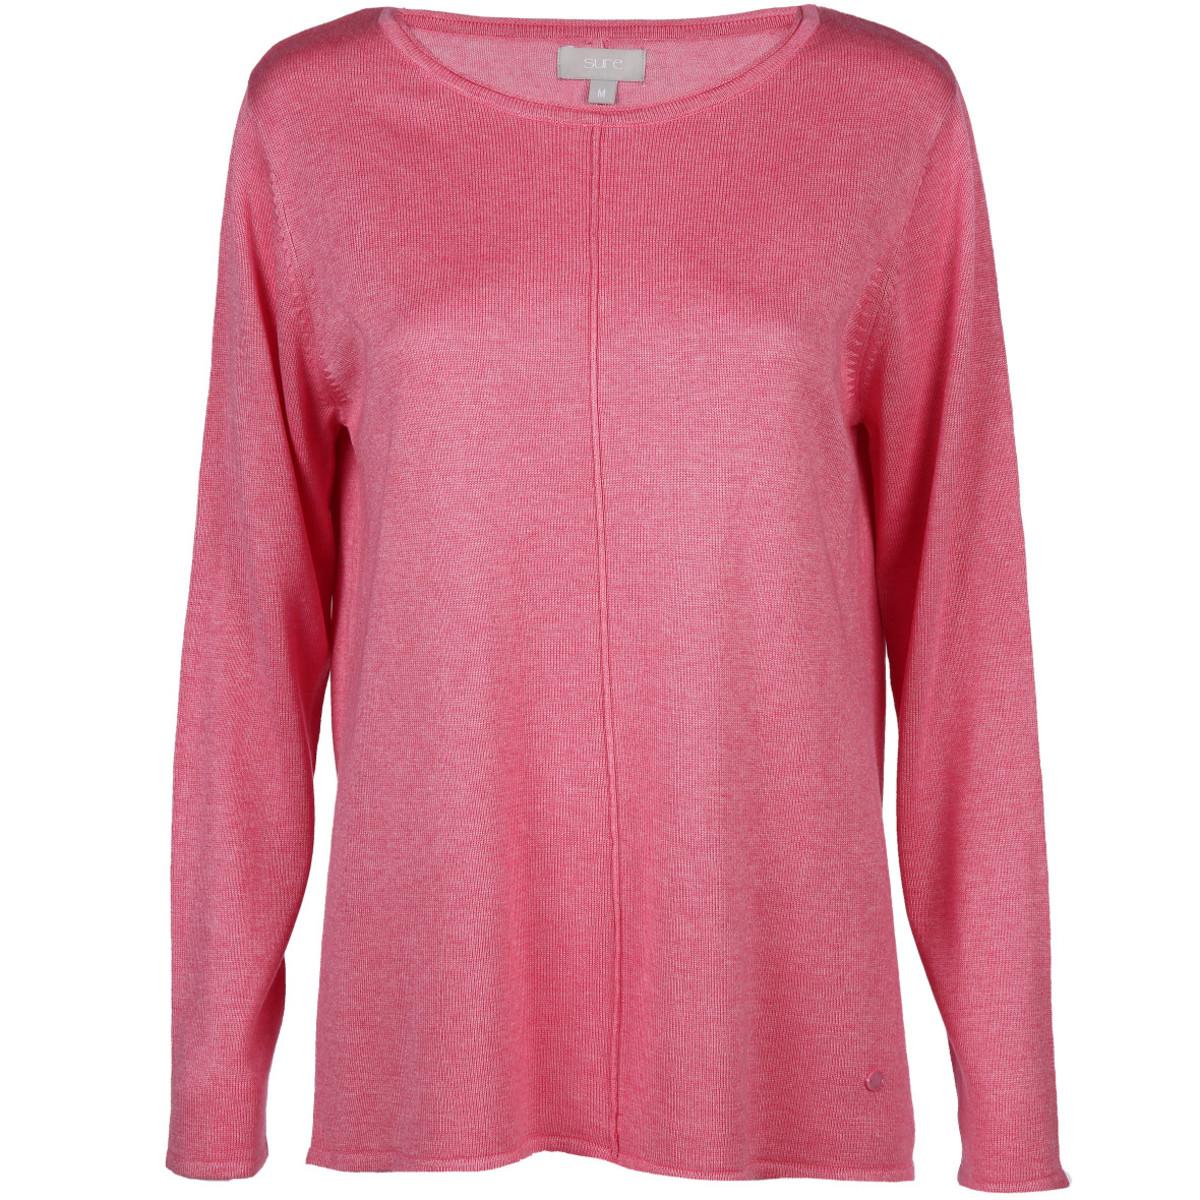 Bild 1 von Damen Feinstrick Pullover